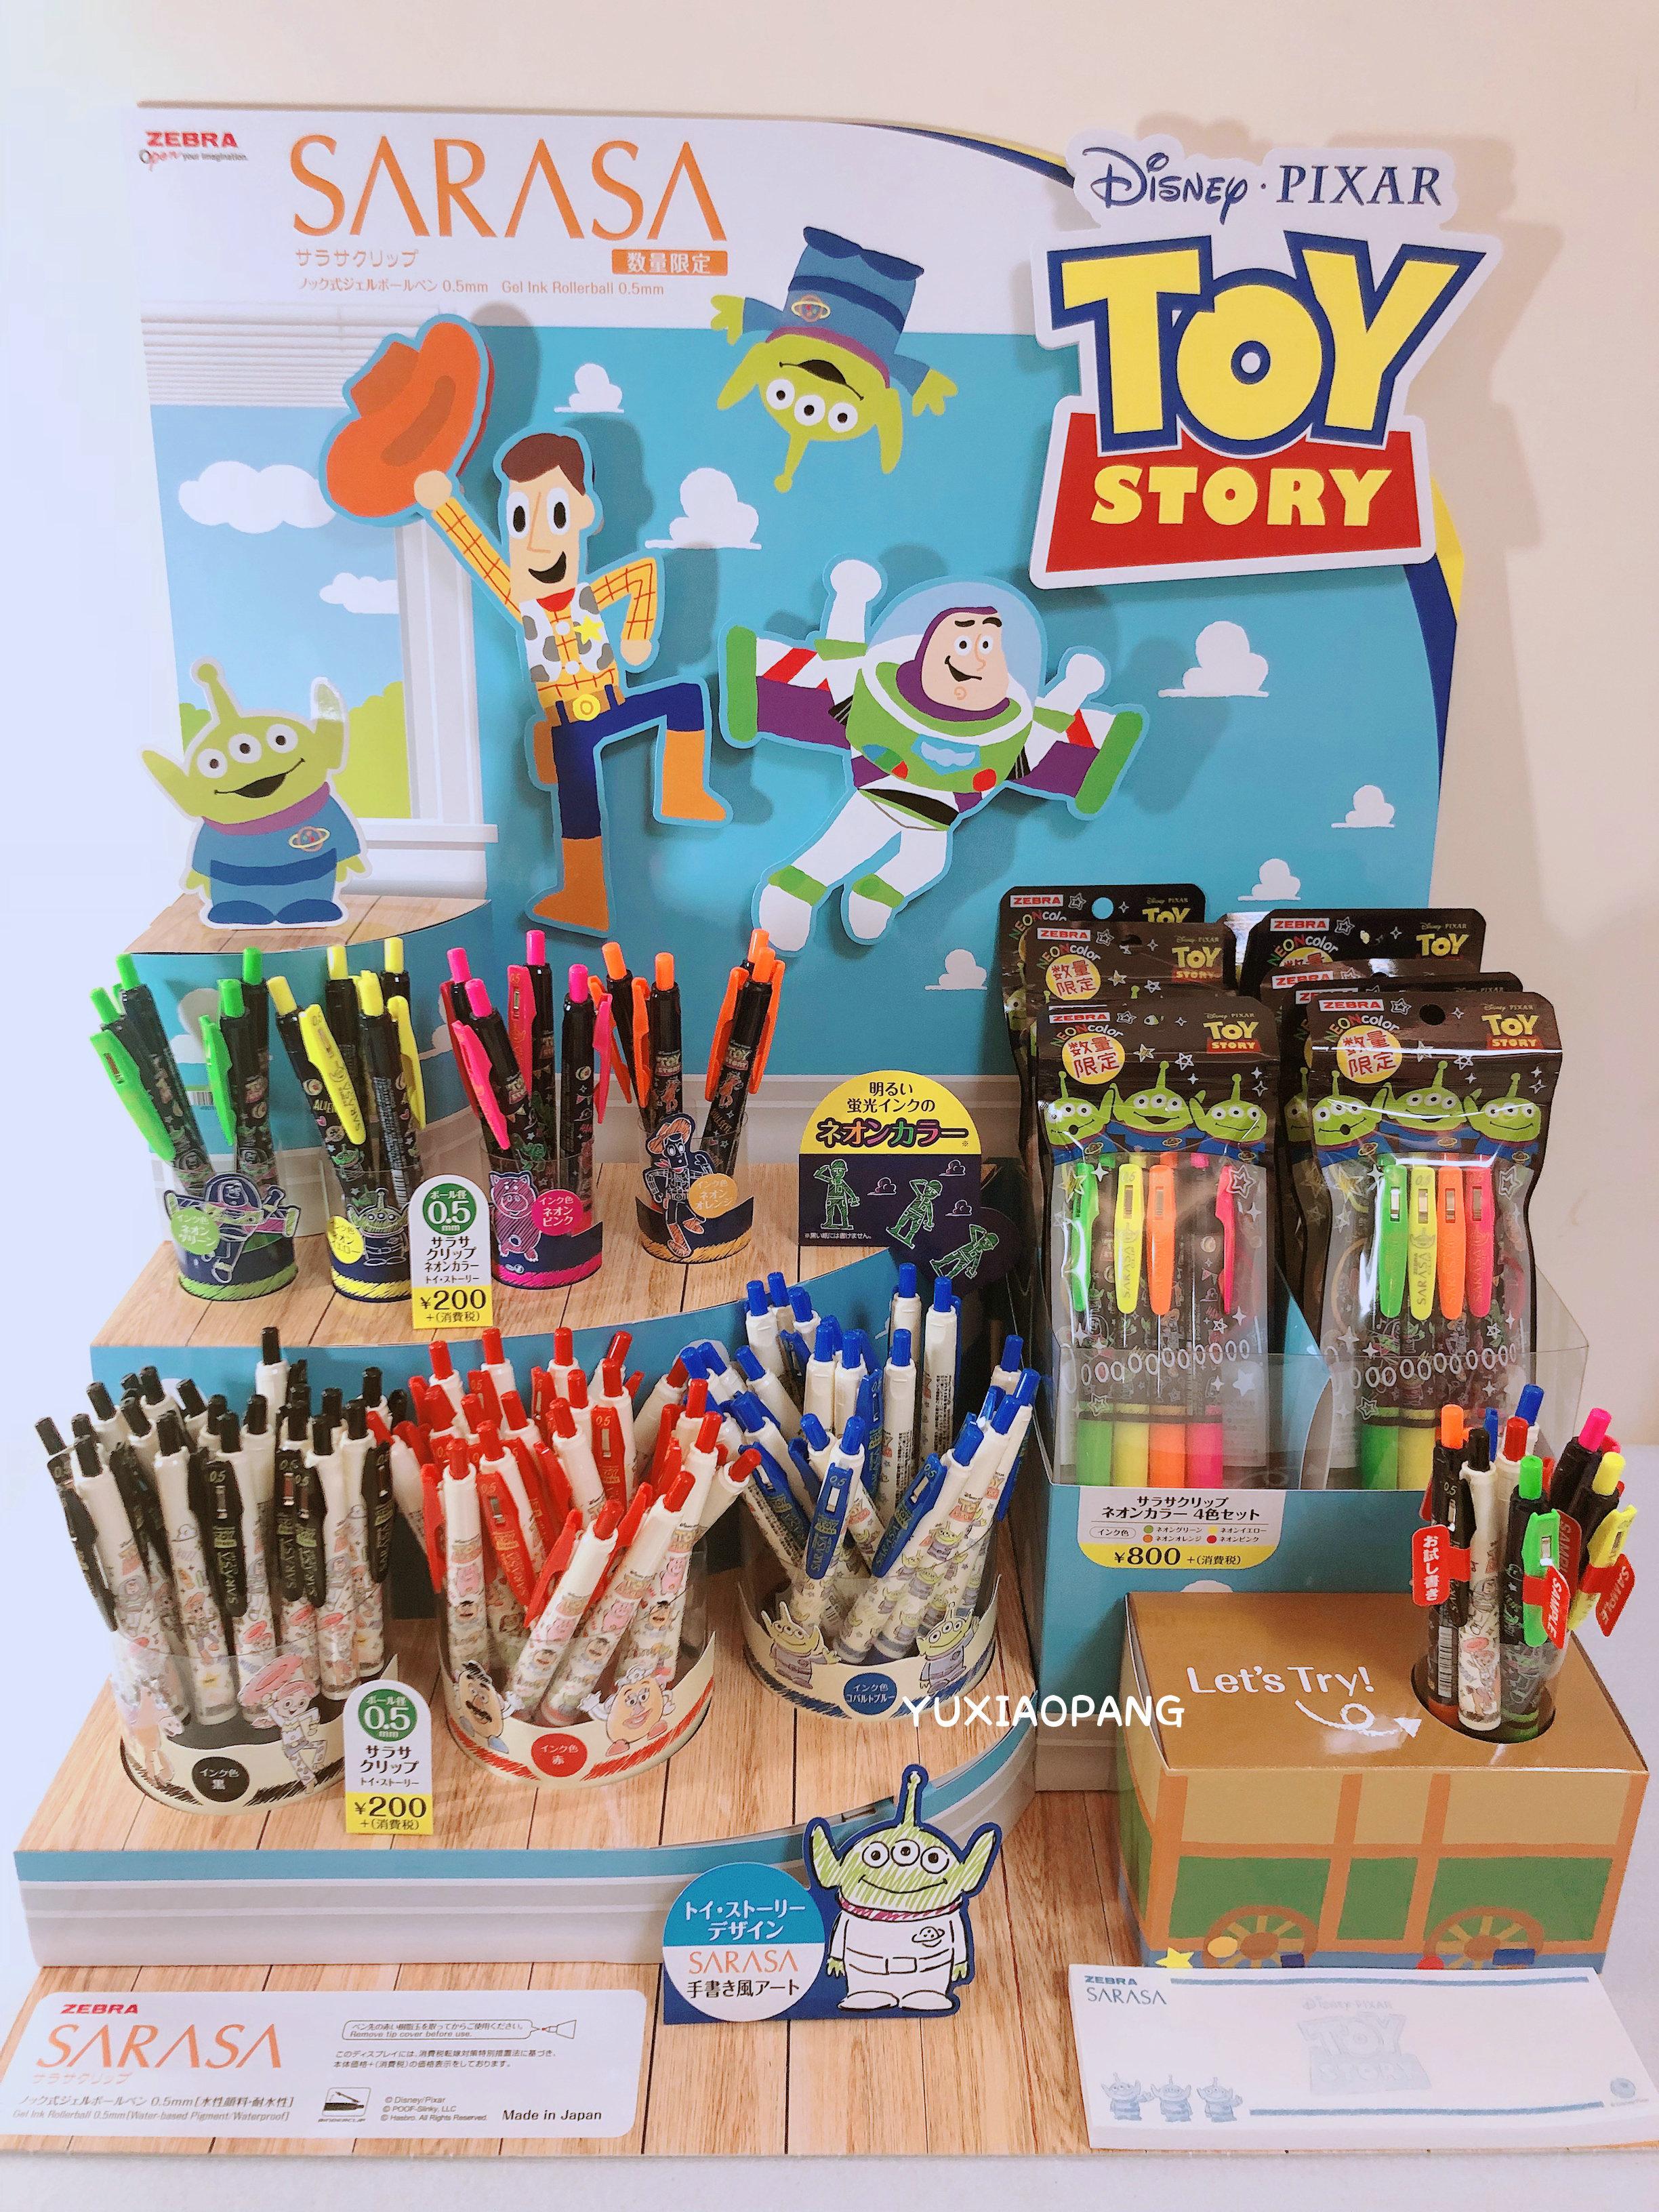 玩具总动员限定款 日本制 SARASA斑马zebra彩色中性笔荧光笔限4000张券